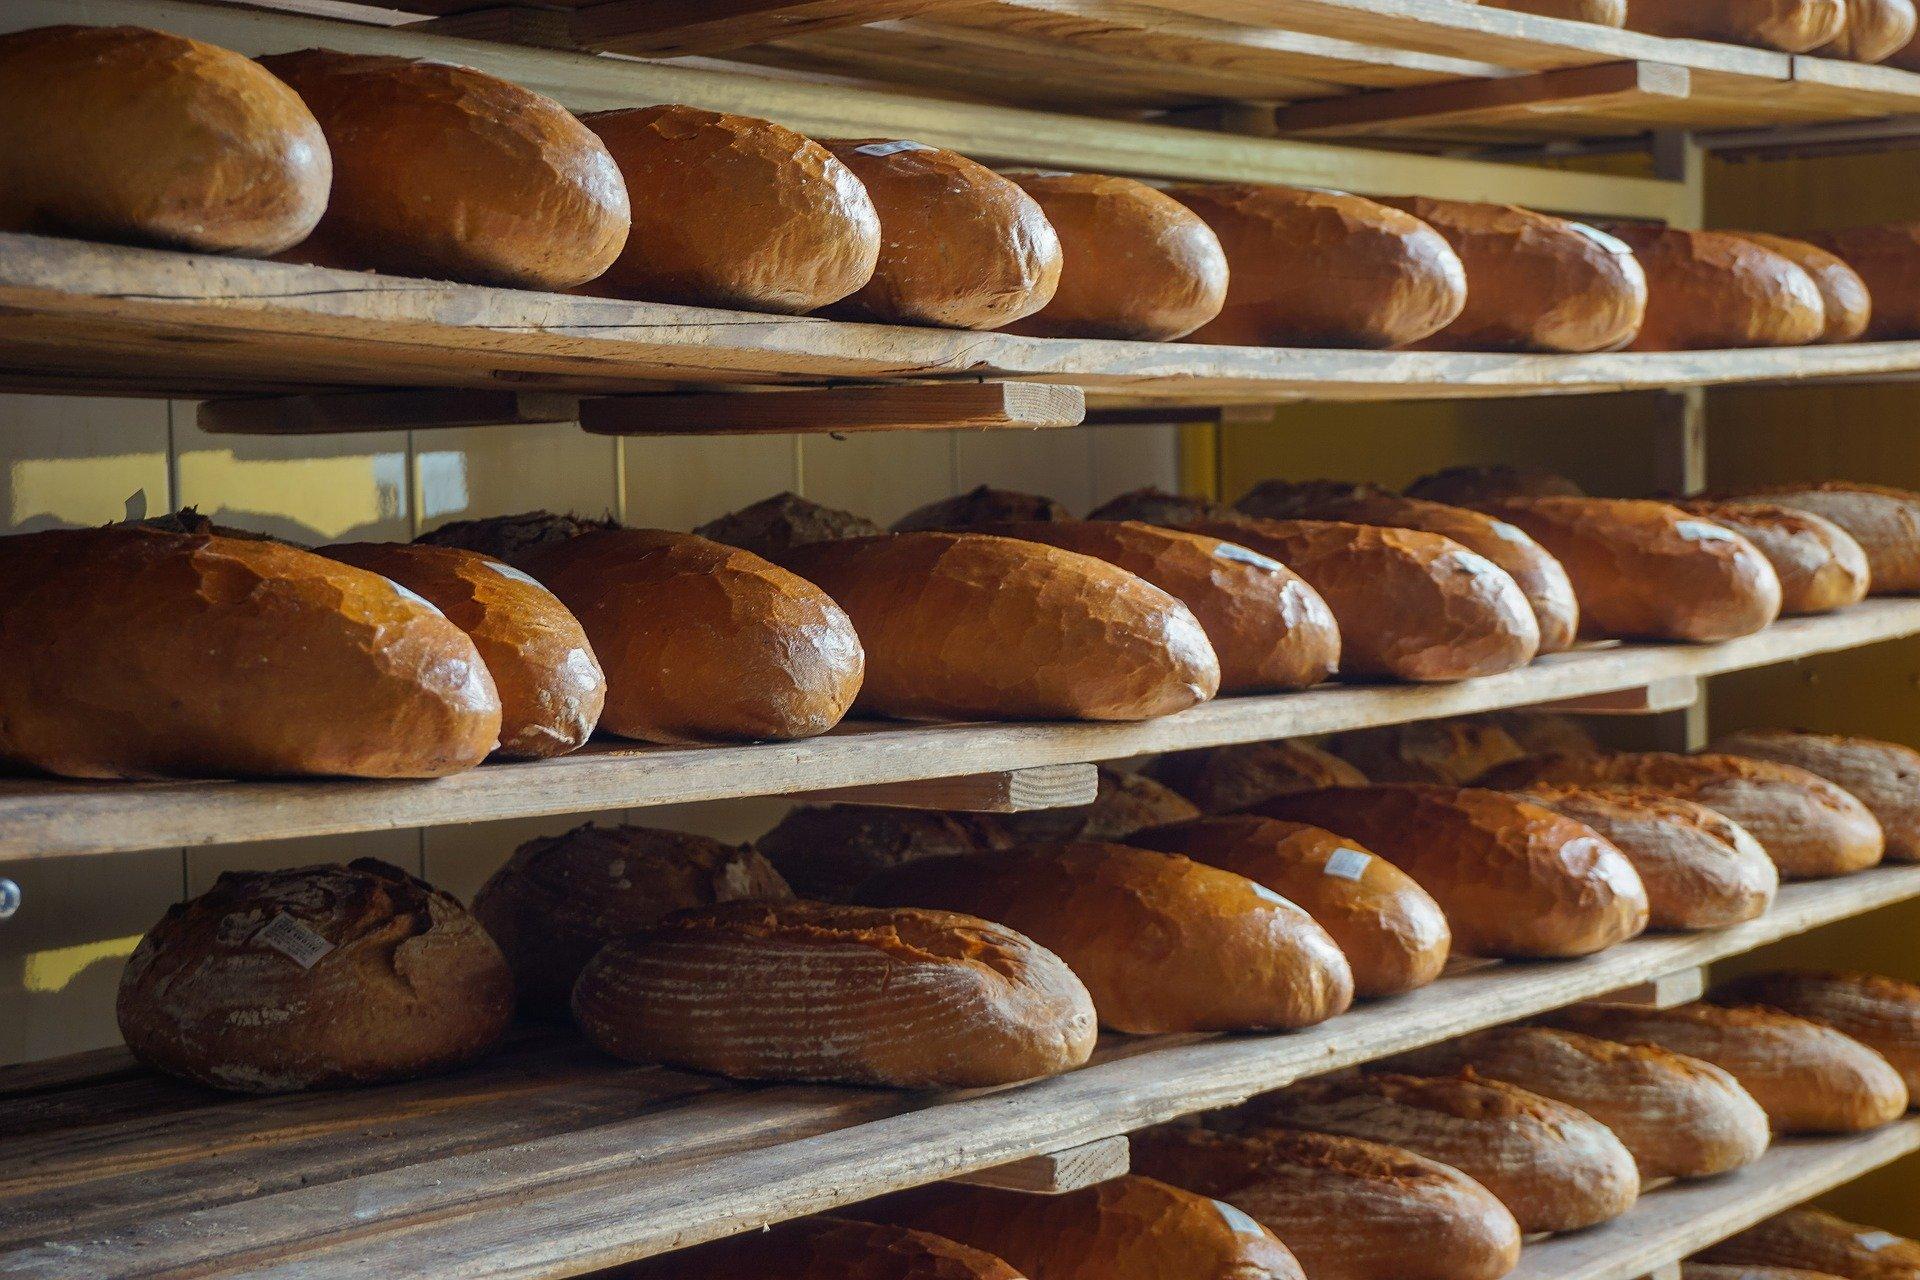 Суд визнав банкрутом ТОВ «Хлібні інвестиції» та відкрив ліквідаційну процедуру